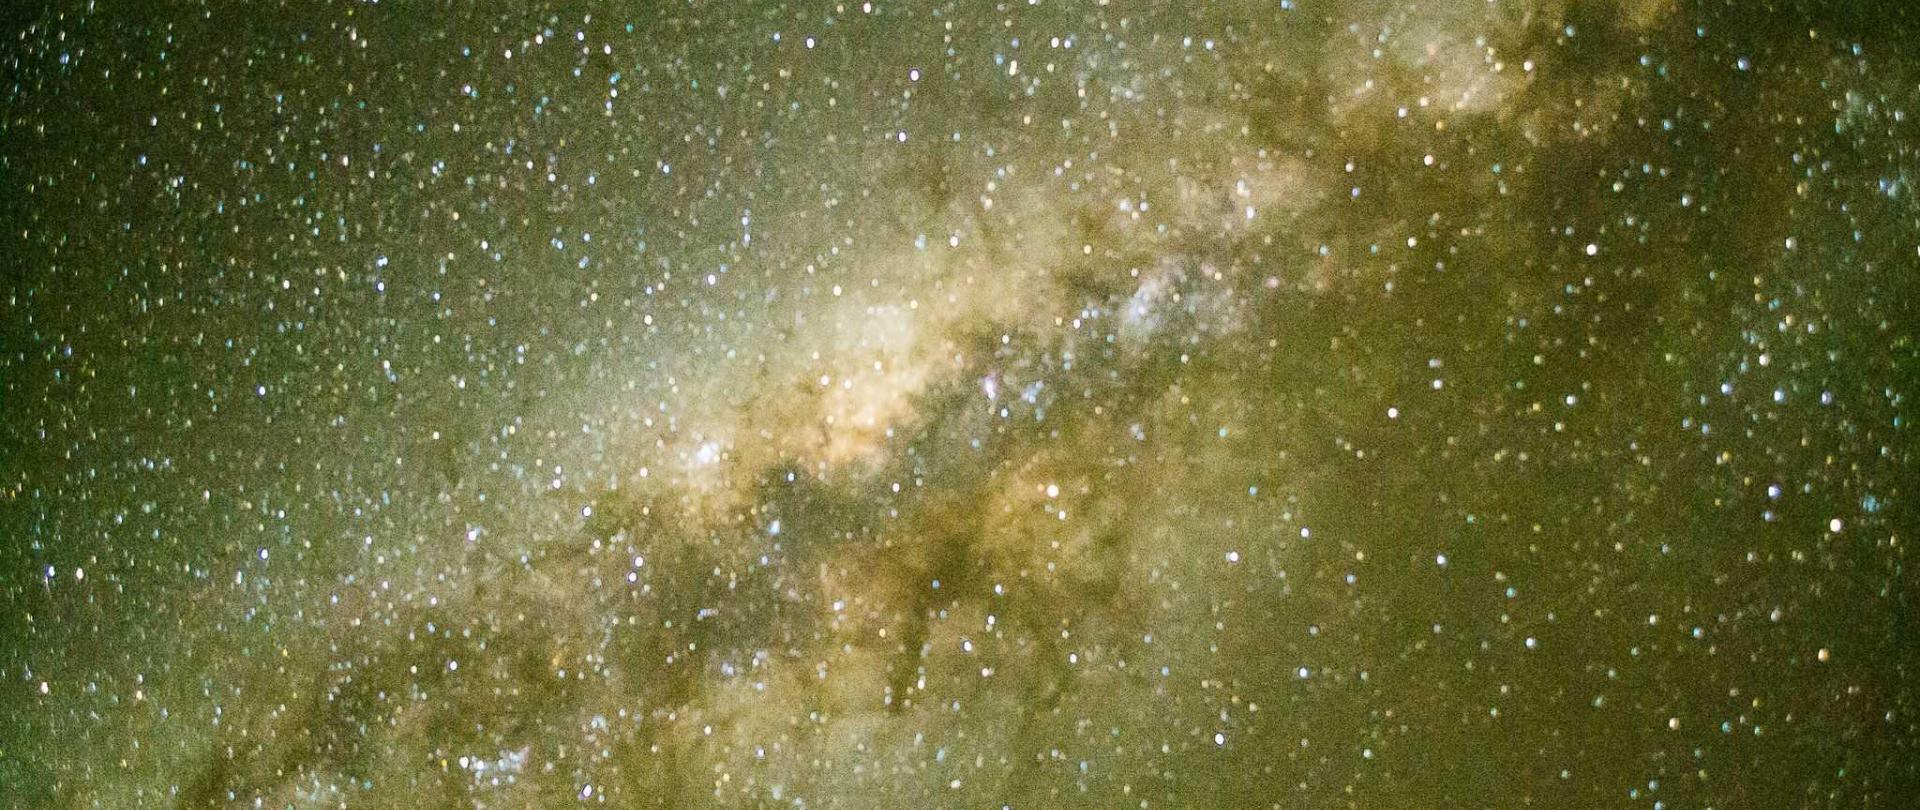 campos-misticos-46.jpg